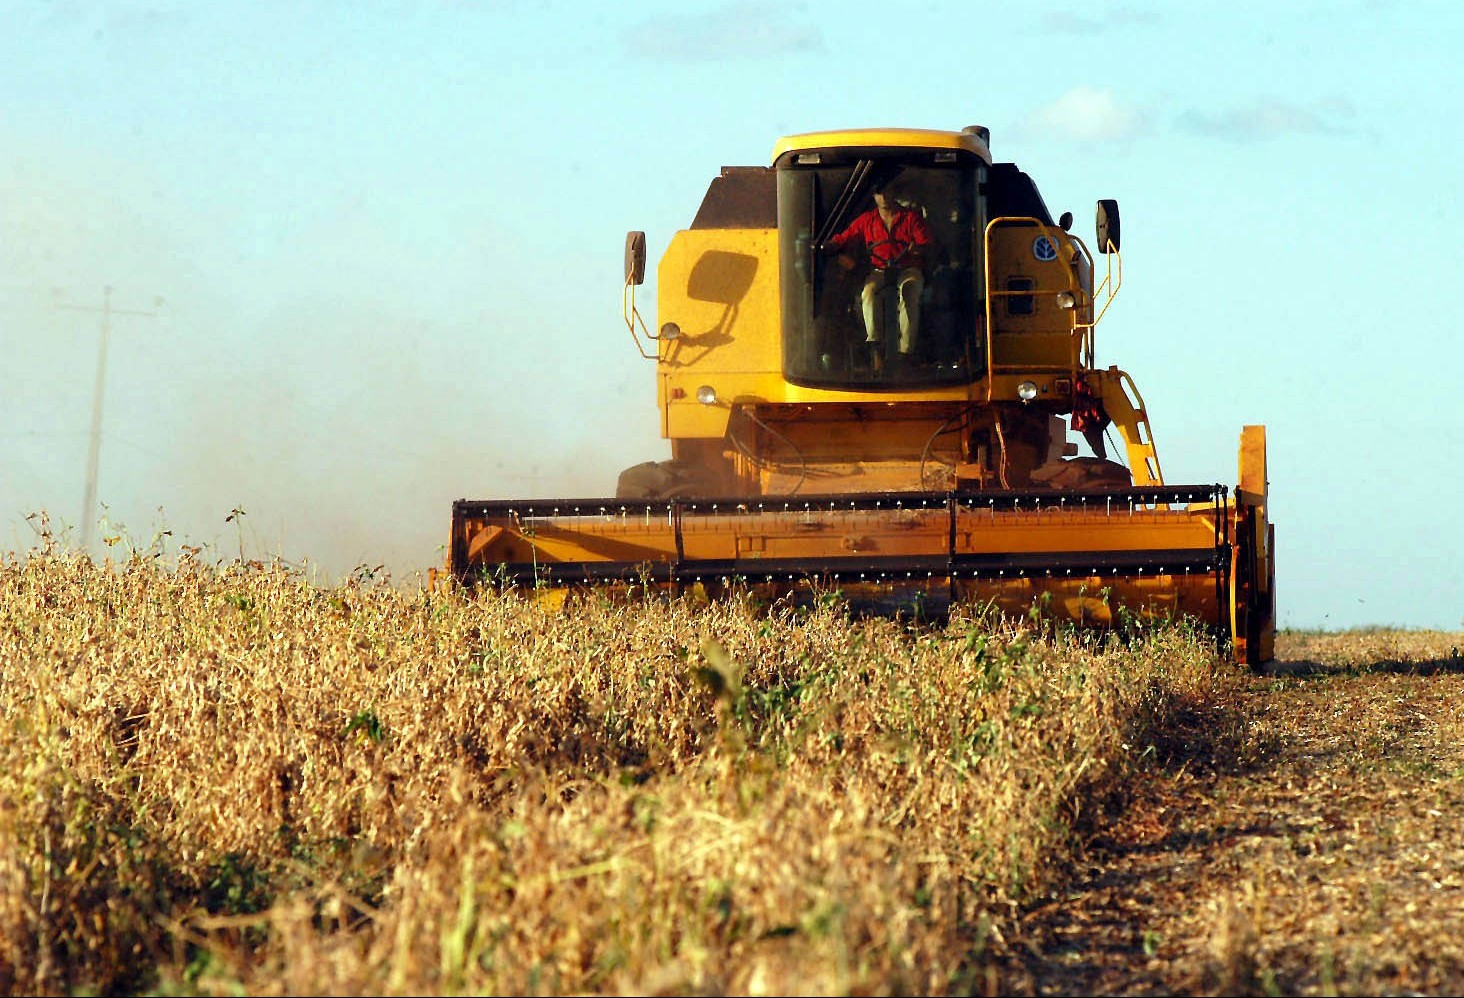 Intenso calor e chuva agrava situação de perda nas lavouras de soja do Paraná